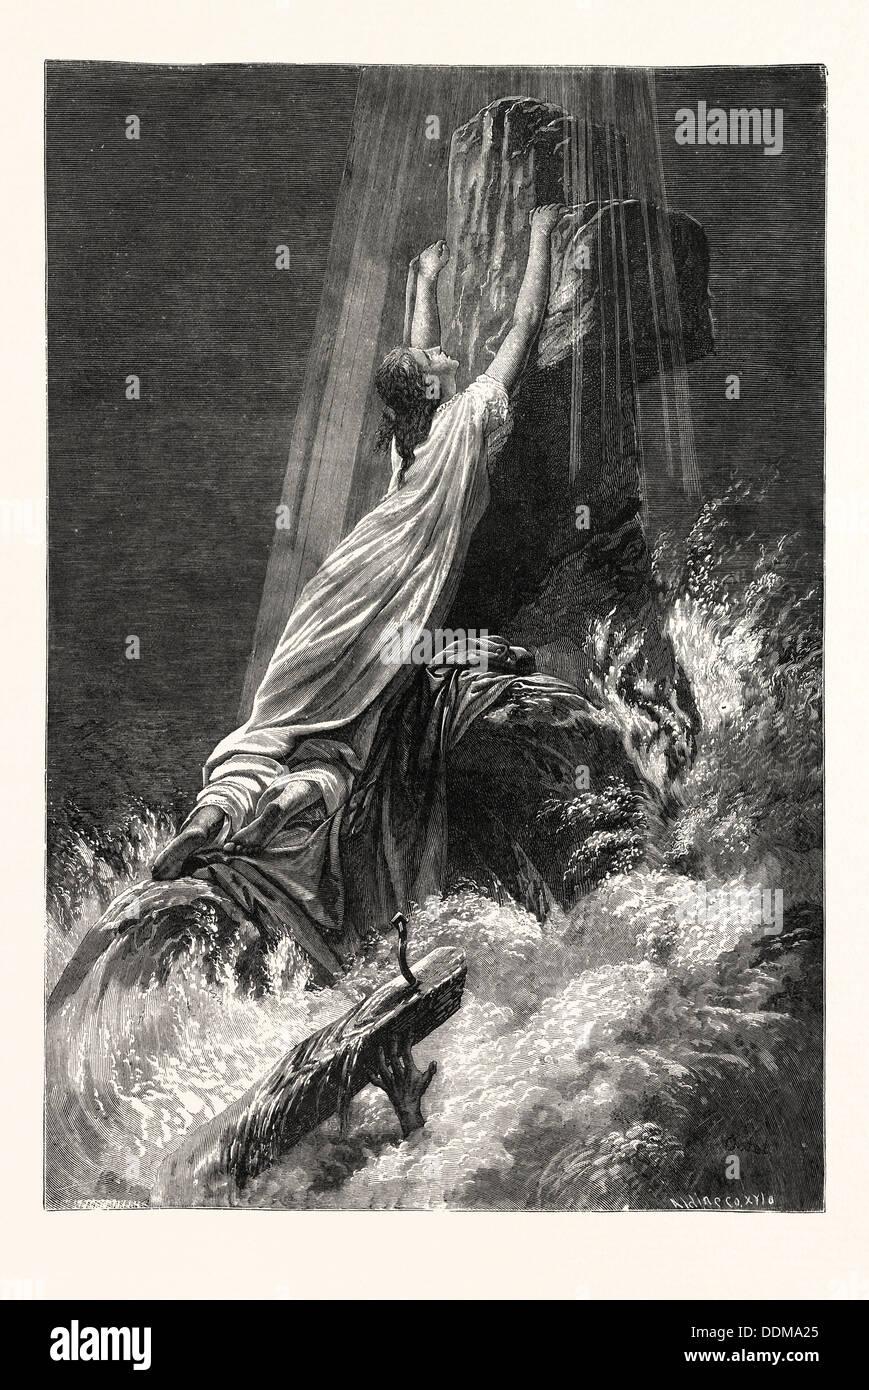 GESPEICHERT WERDEN UND VERLOREN GEHEN. Religiösen Druck. Stockbild